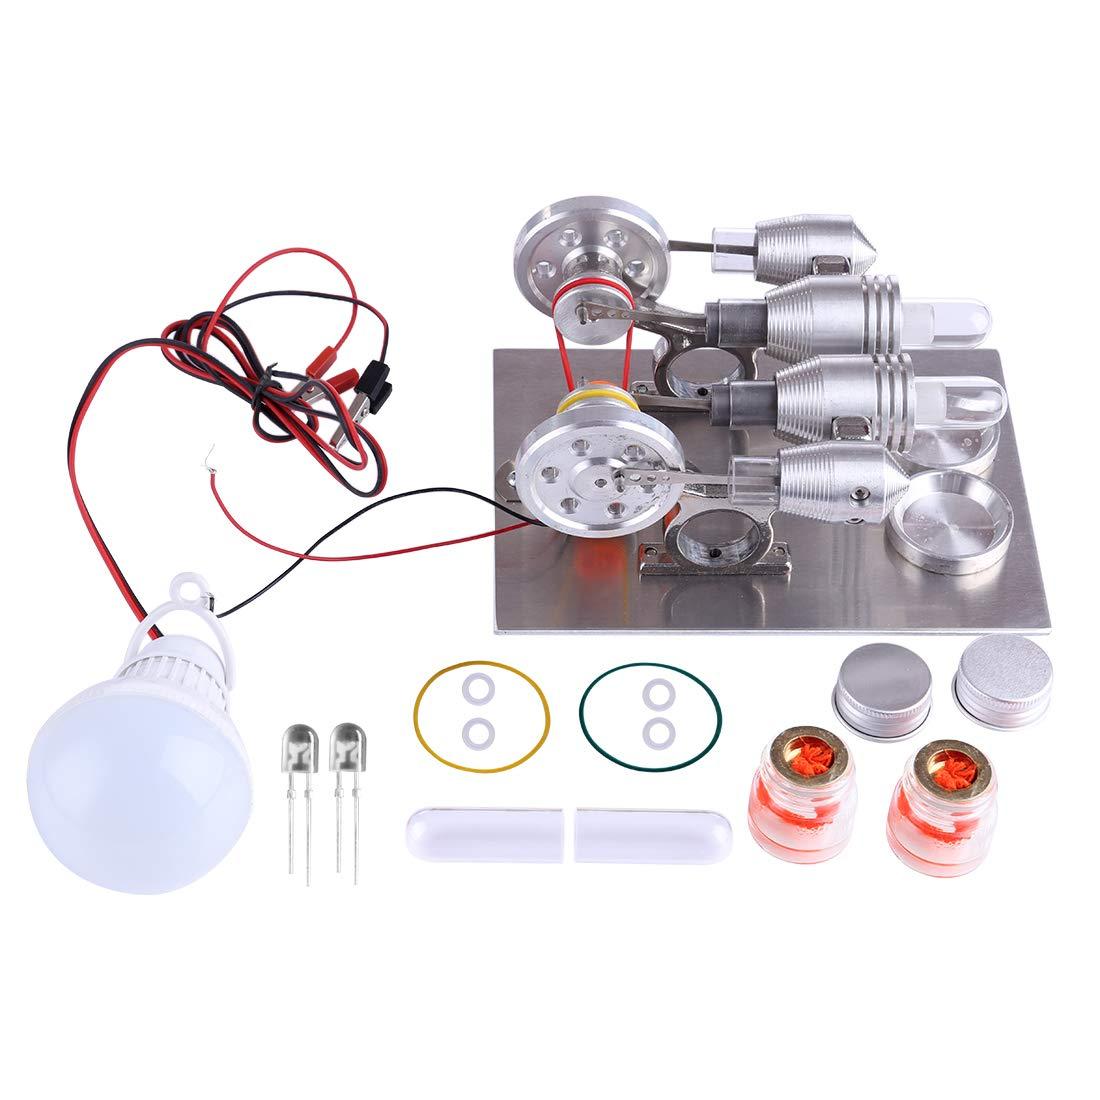 de moda MRKE Motor Stirling, 2 2 2 Cilindro, Baja Temperatura, con Generador y LED, Stirling Engine Model Kit Física Ciencia Experimentar Enseñanza Juguete  nuevo listado